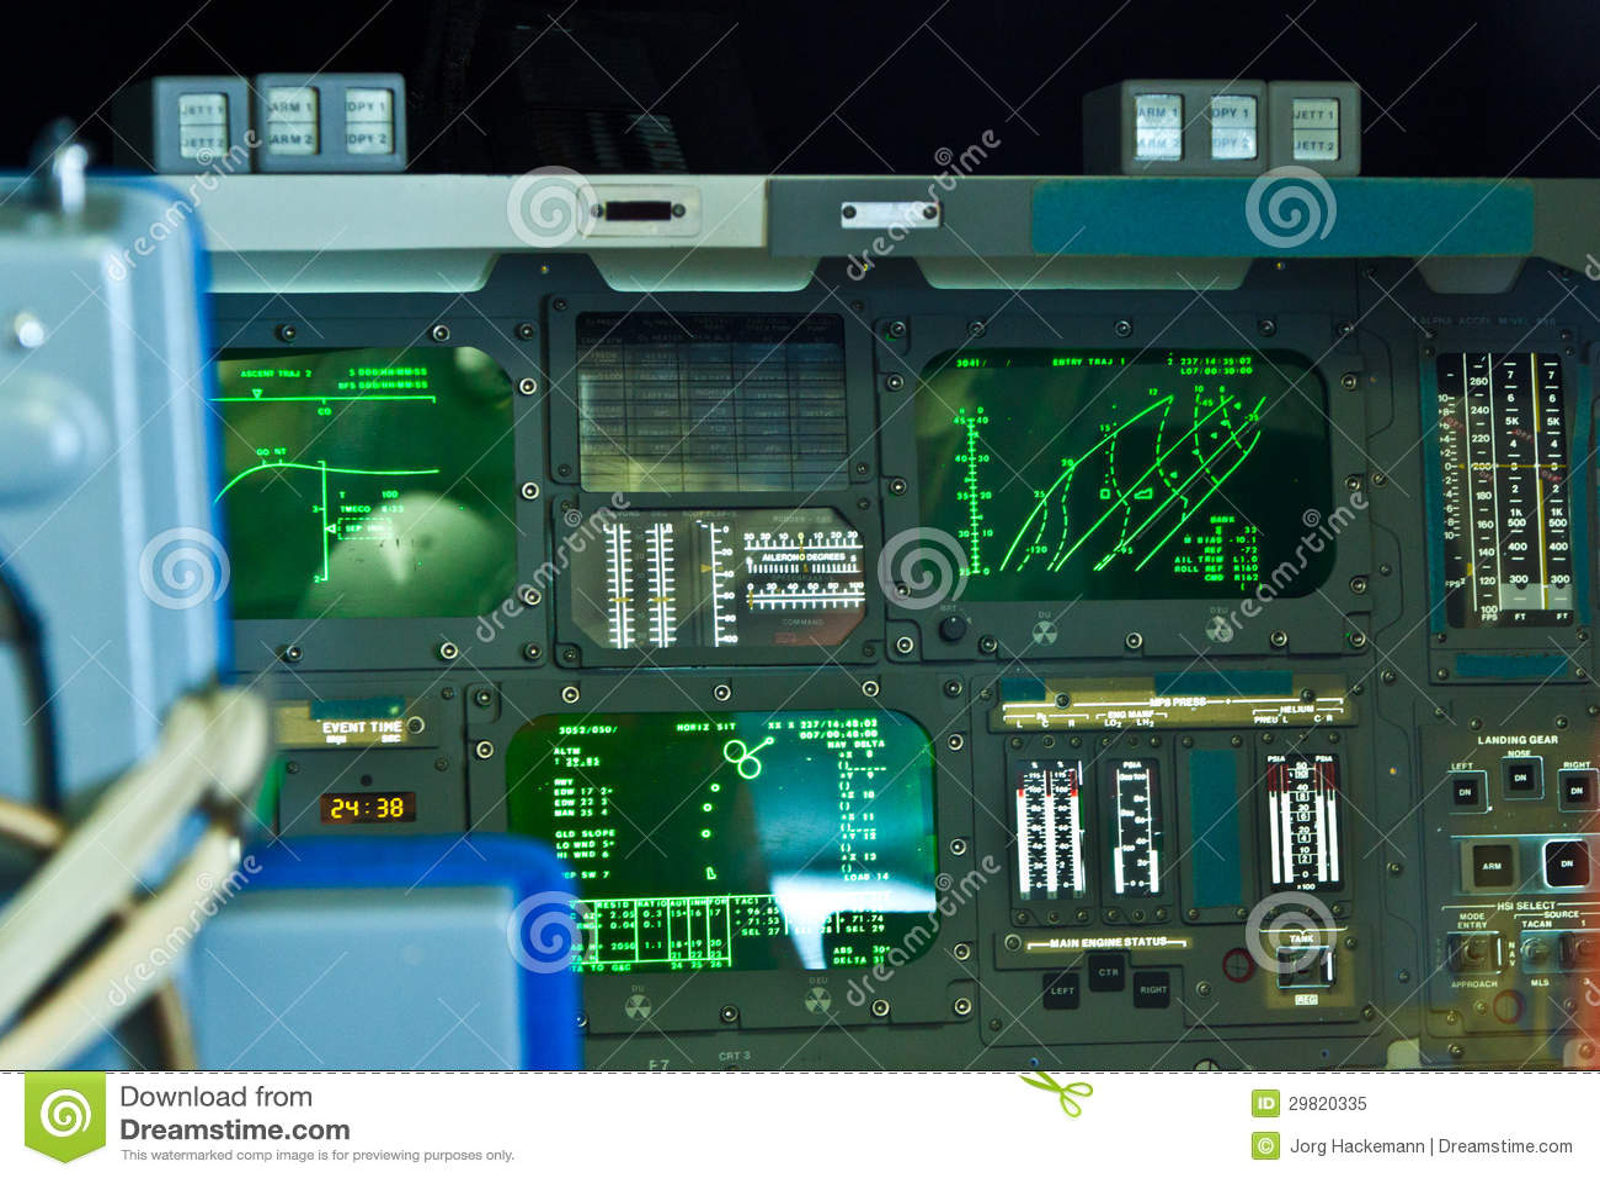 space shuttle original cockpit - photo #24